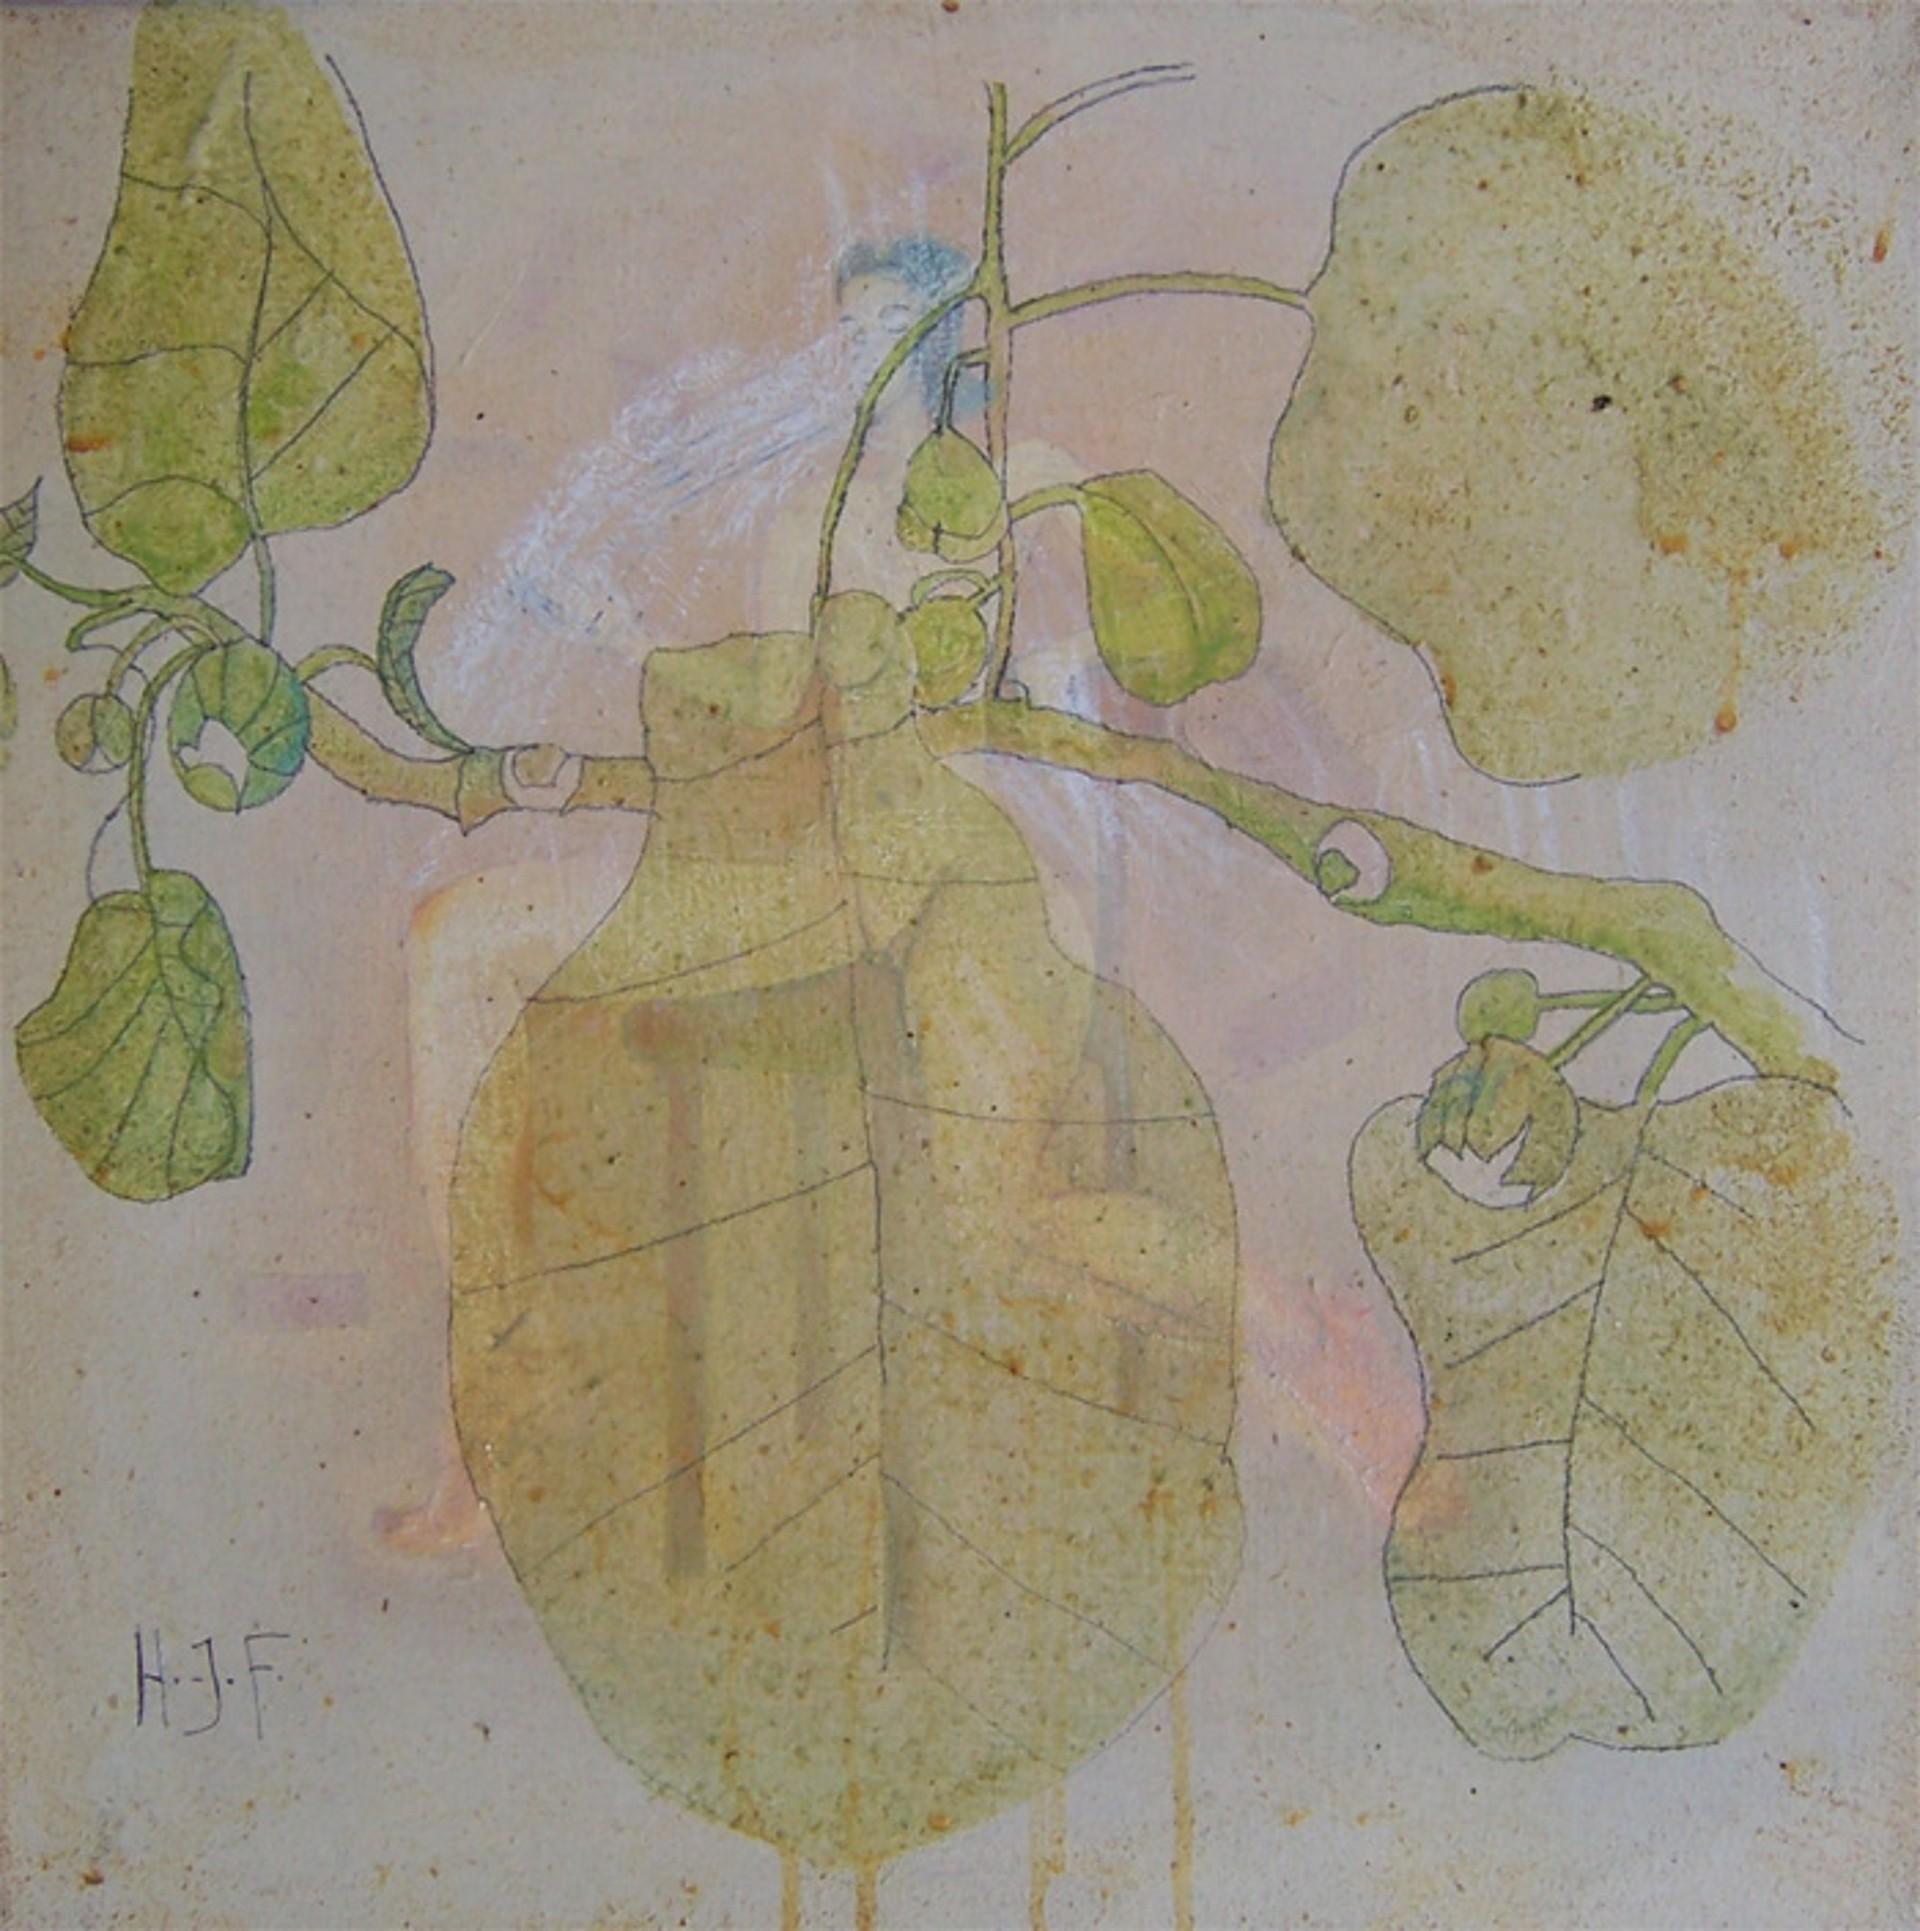 Kiwi 2 by Hans Joerg Fuerpass